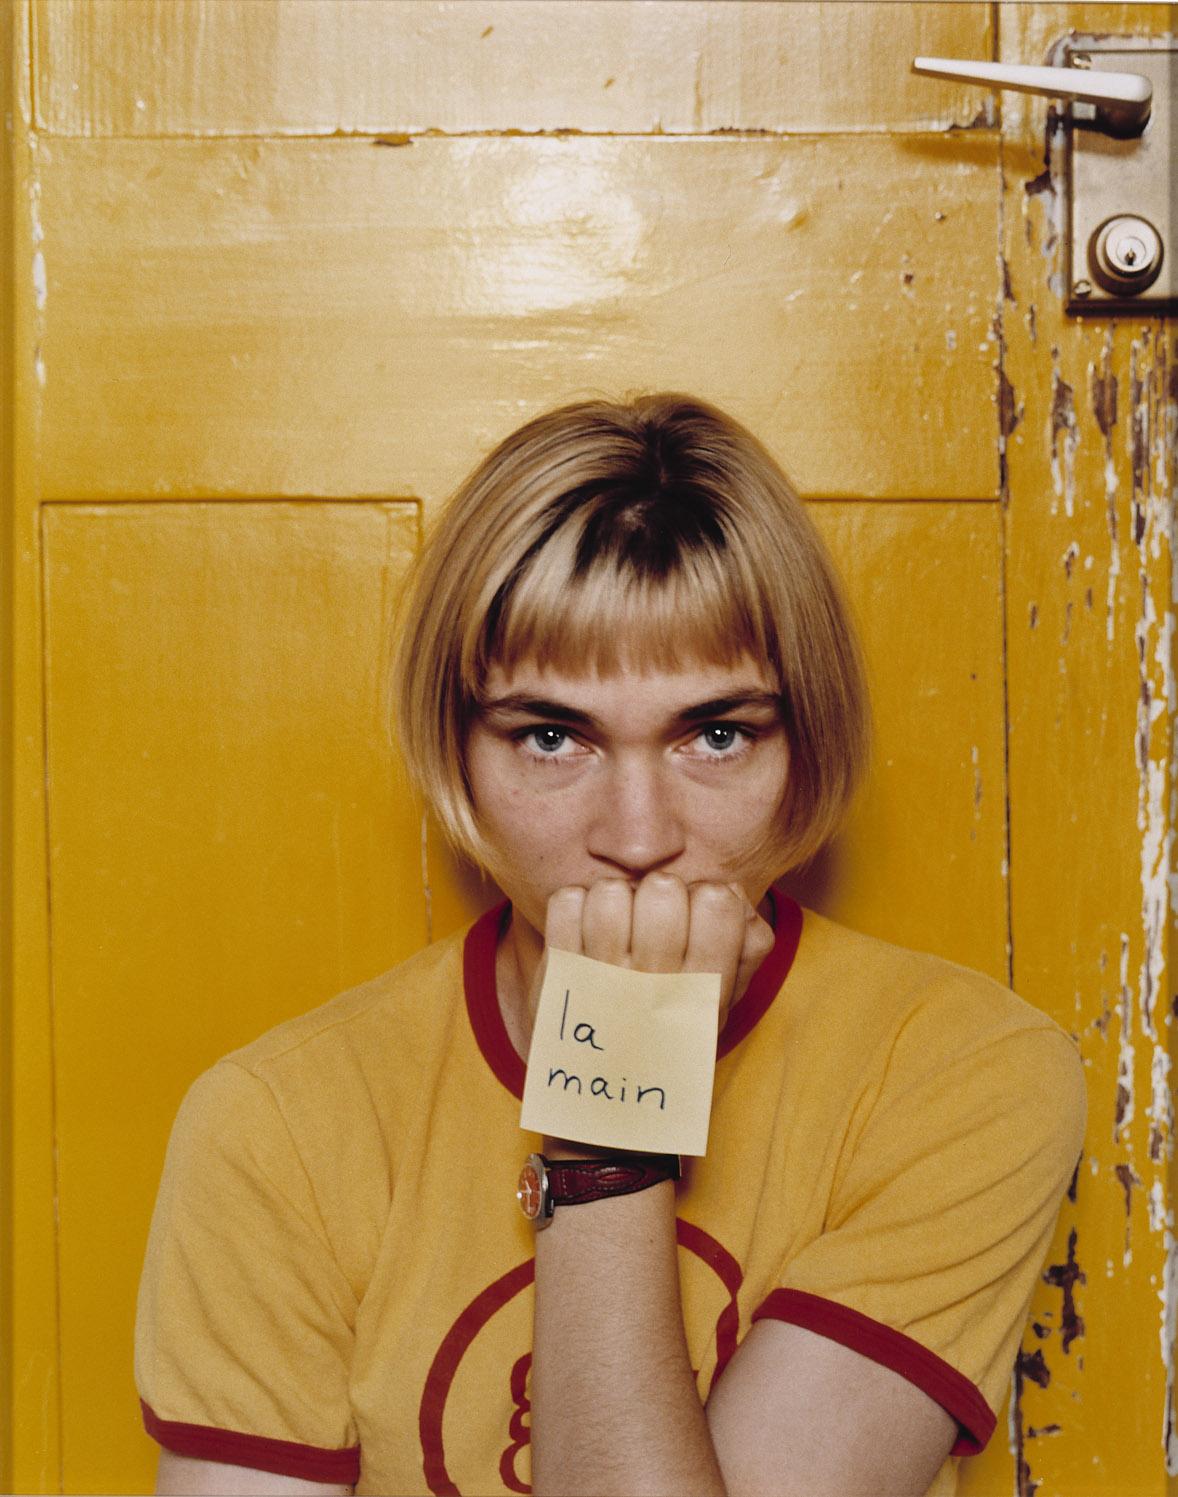 Vaaleapolkkatukkainen nainen kuvattuna edestäpäin keltaisessa t-paidassa keltaista taustaa vasten keltainen lappunen nyrkkiinsä kiinnitettynä.